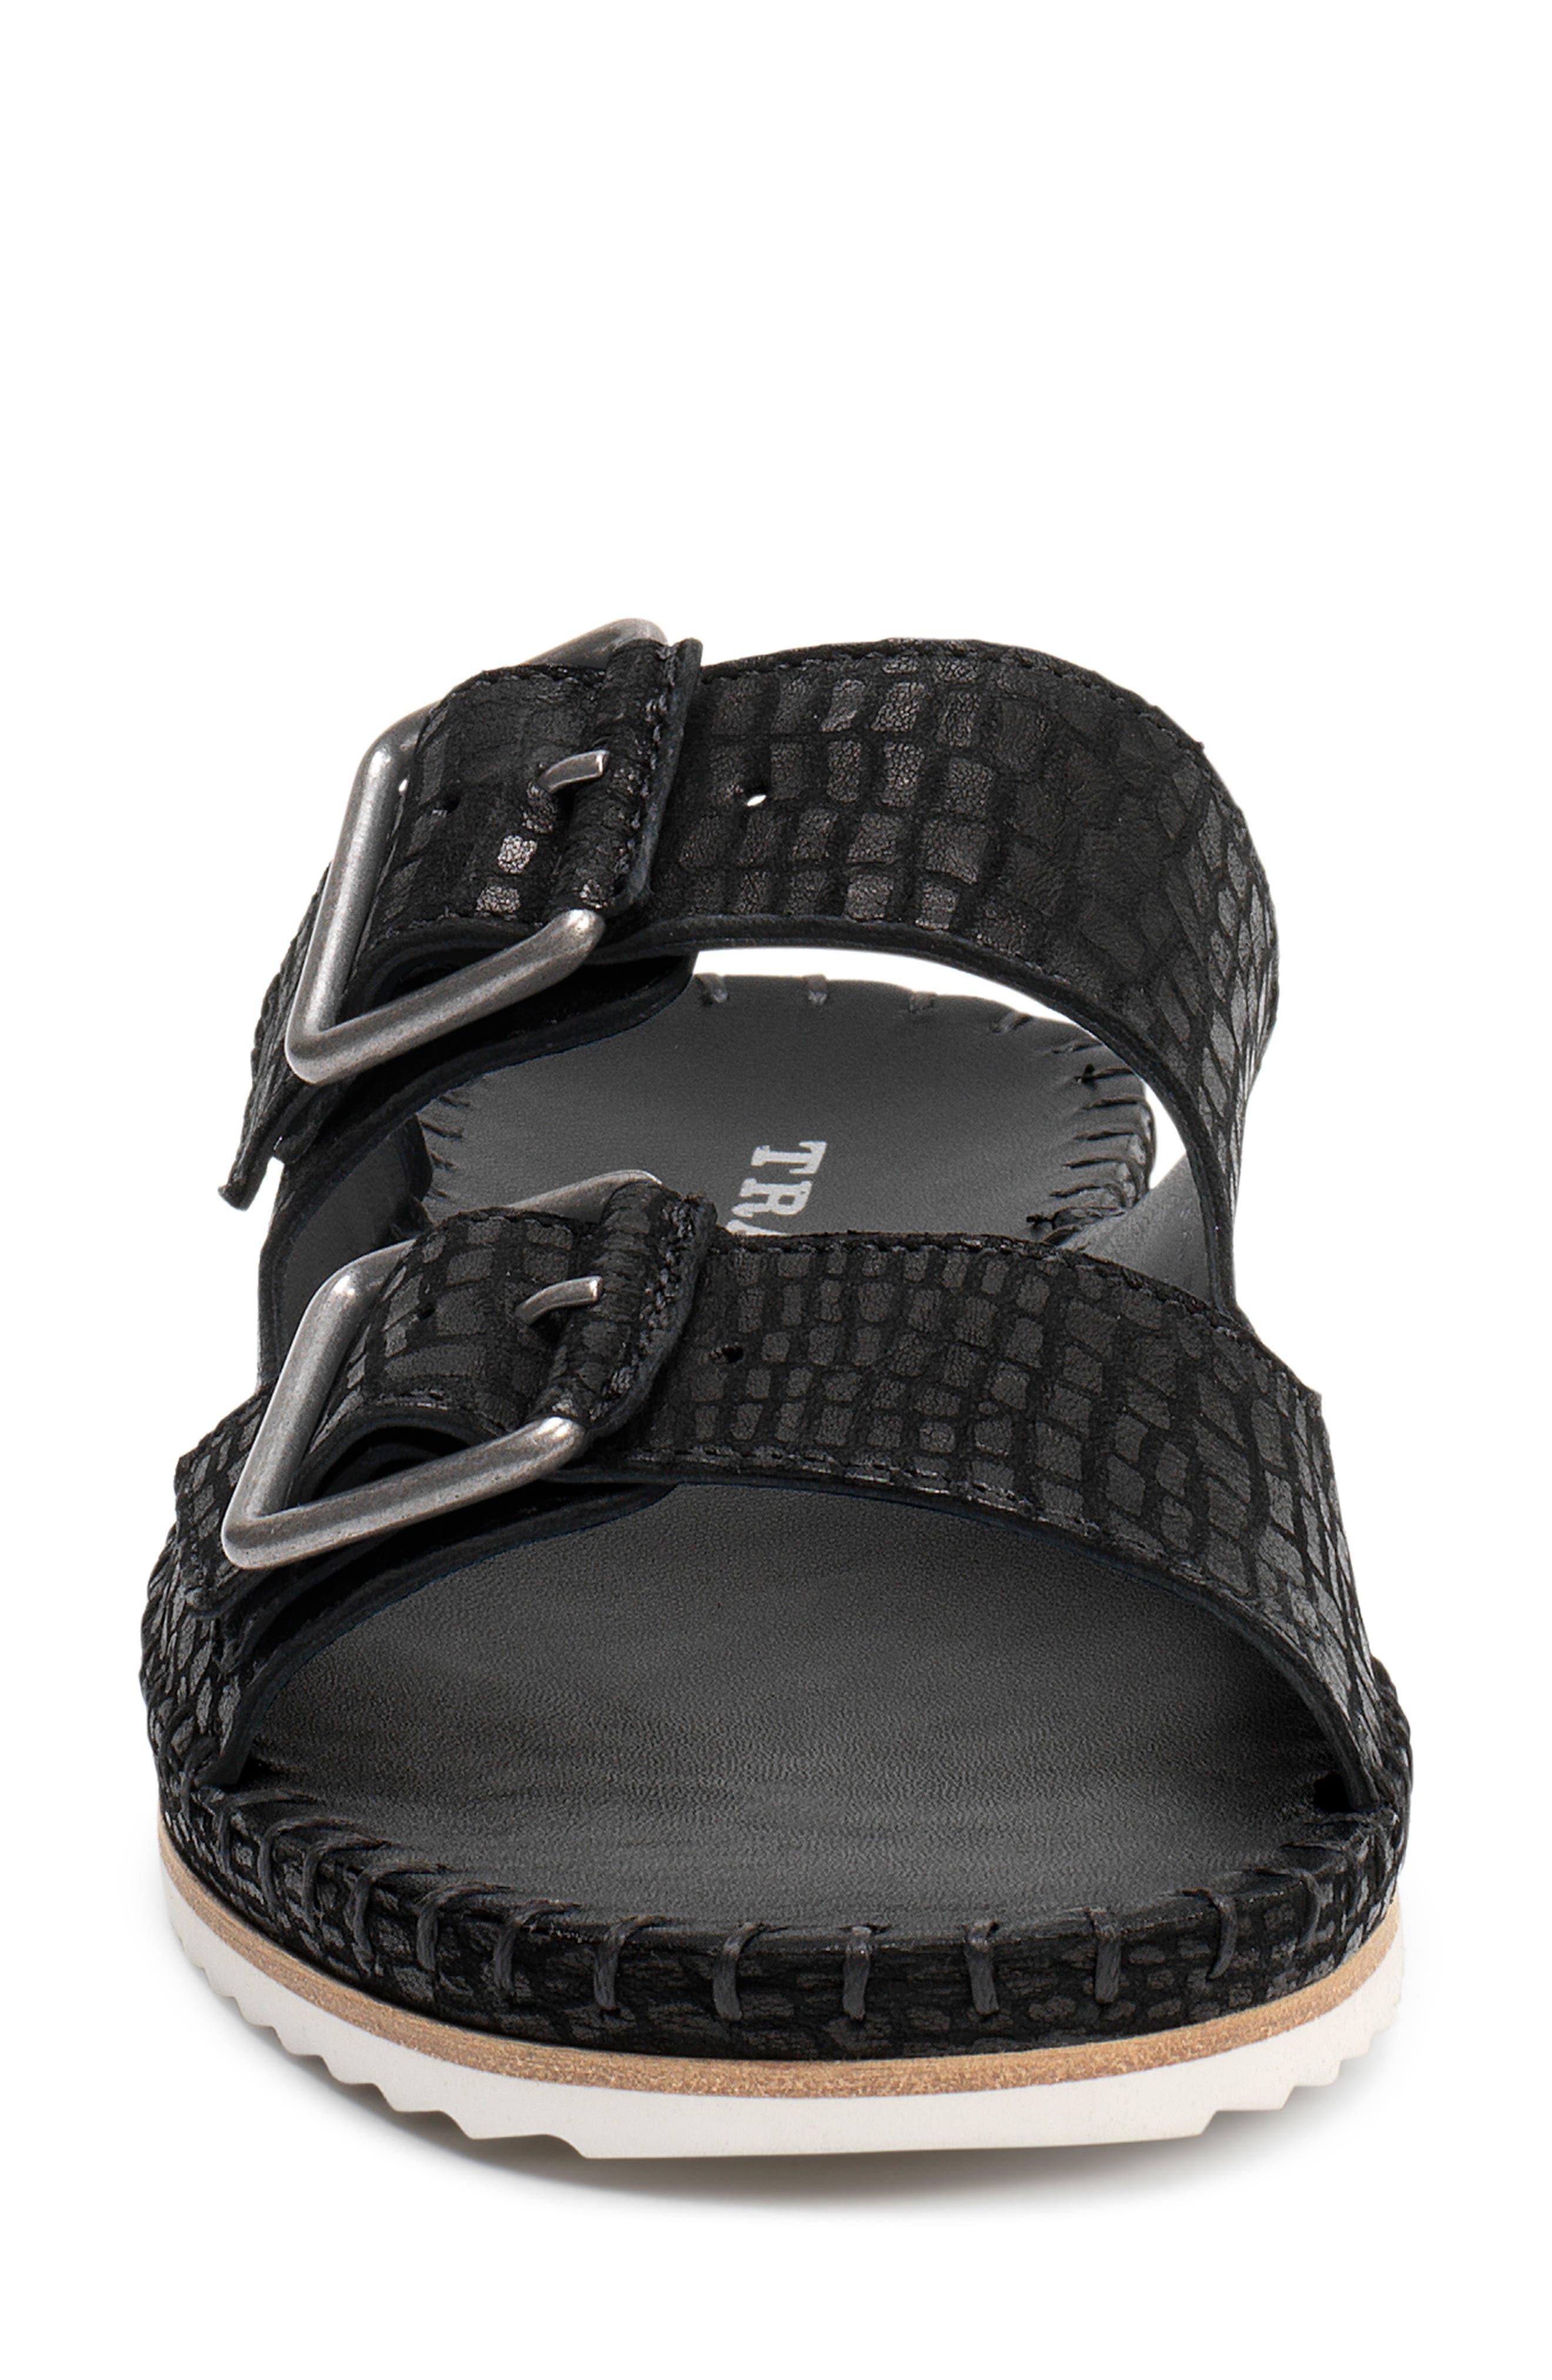 Carli Slide Sandal,                             Alternate thumbnail 4, color,                             BLACK EMBOSSED LEATHER